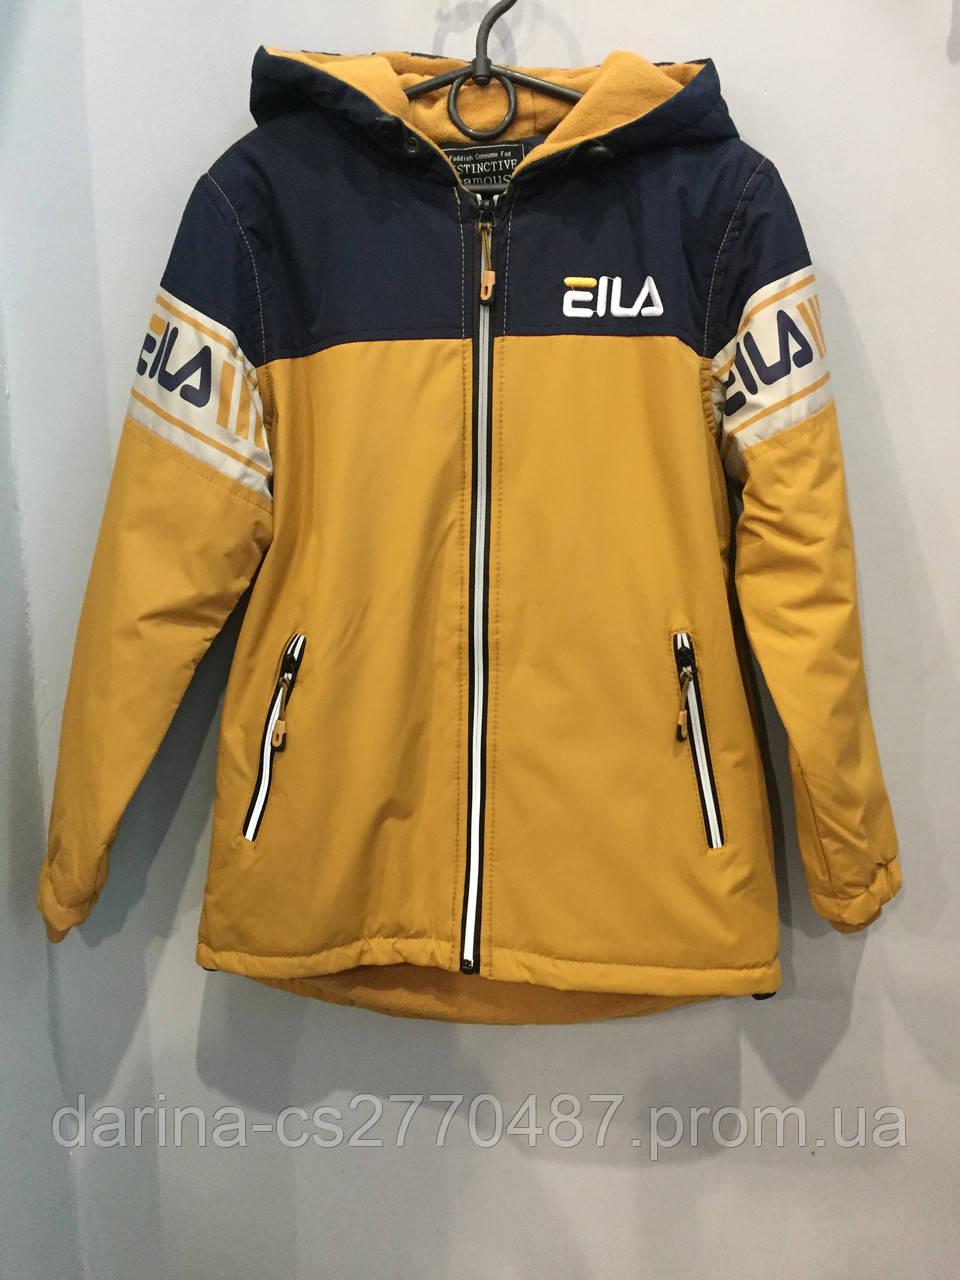 Демисезонная куртка для мальчика 116-146 см